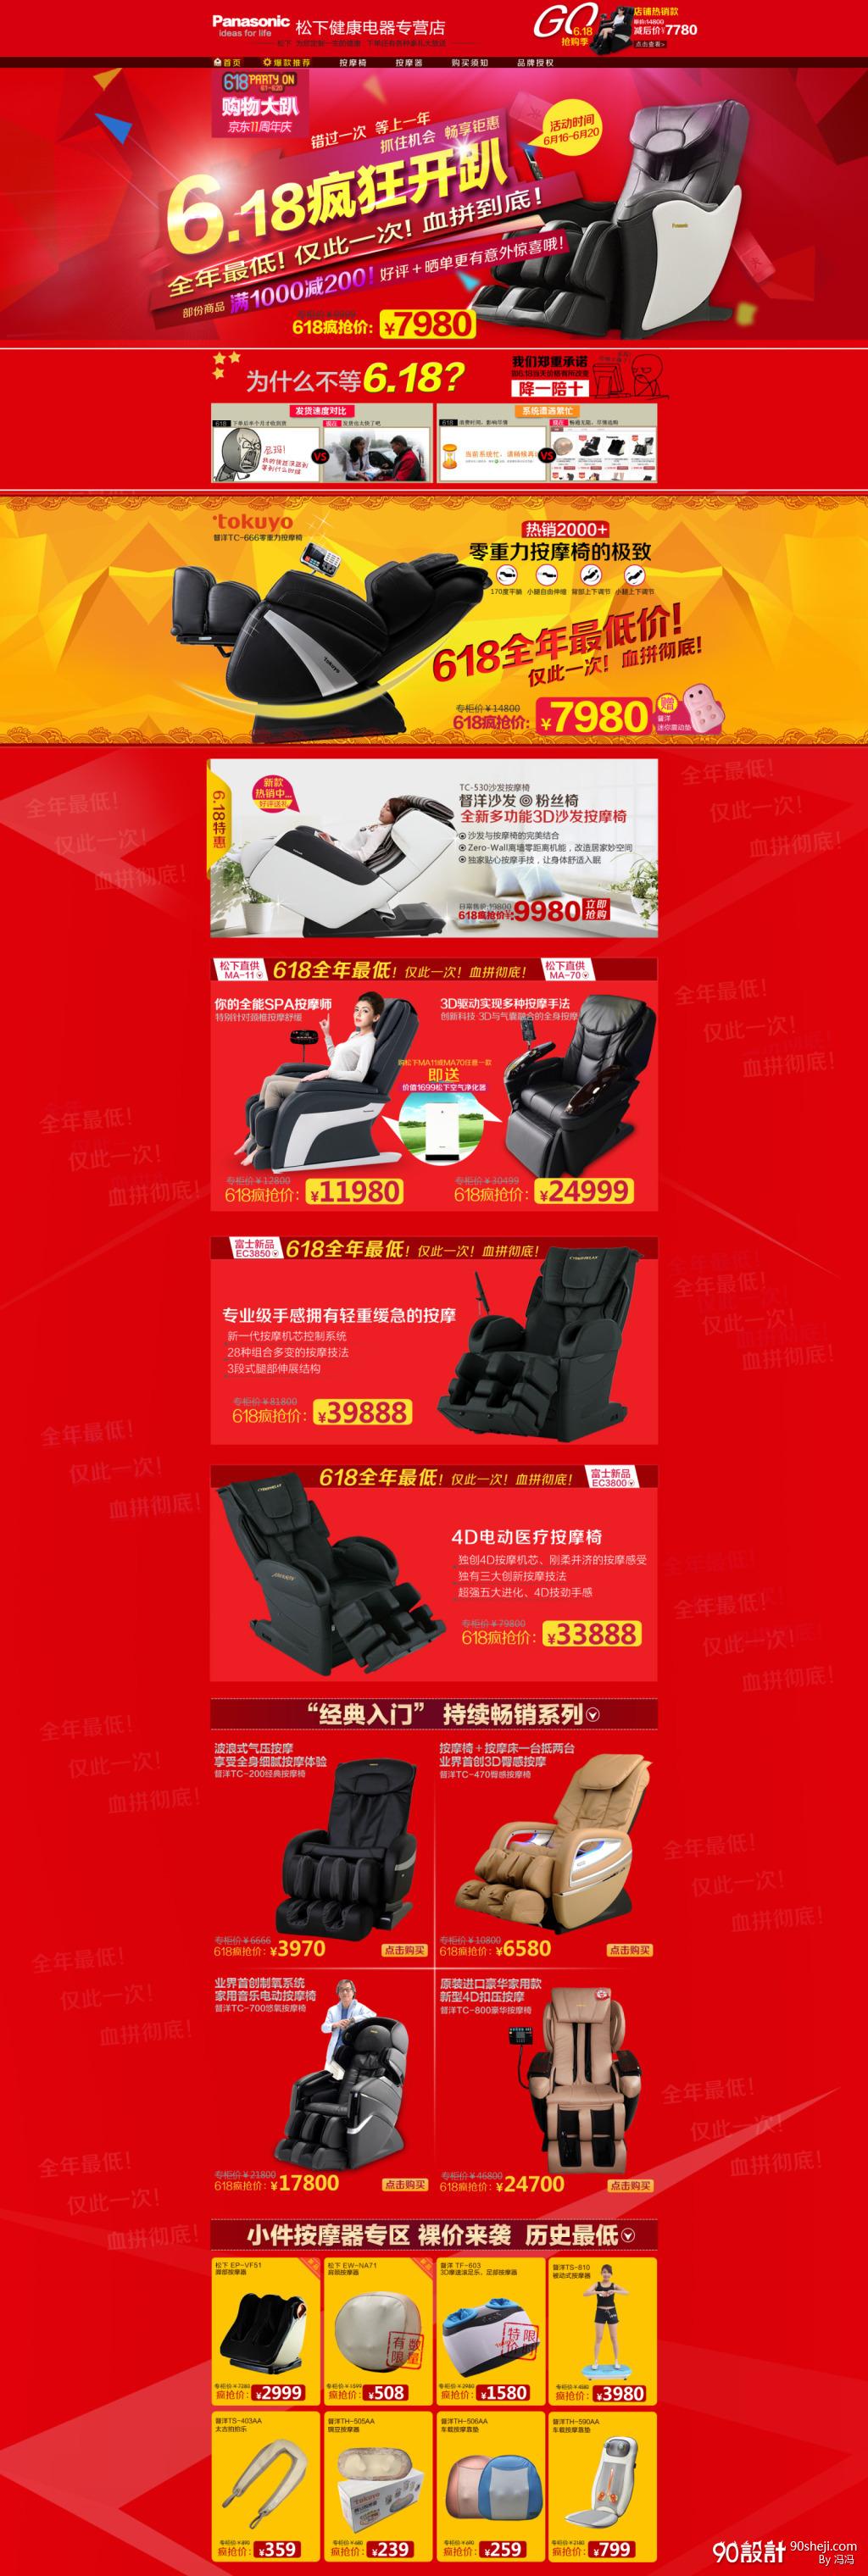 京东618首页-按摩椅_店铺首页设计_90设计90sheji.com